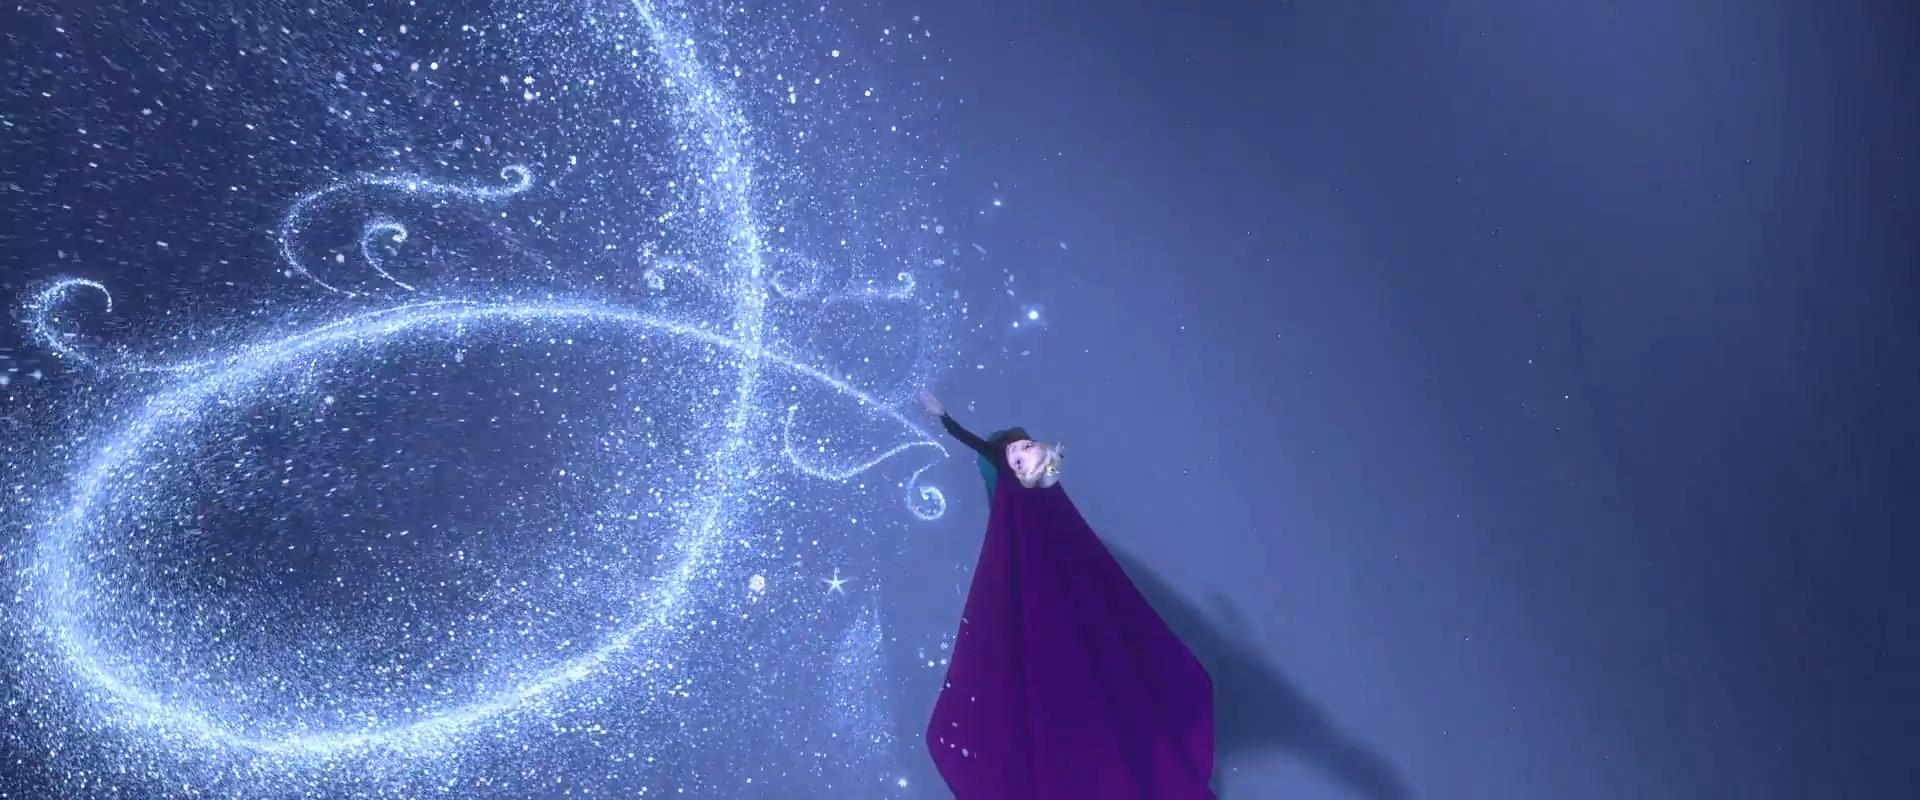 Let It Go HD Screencaps